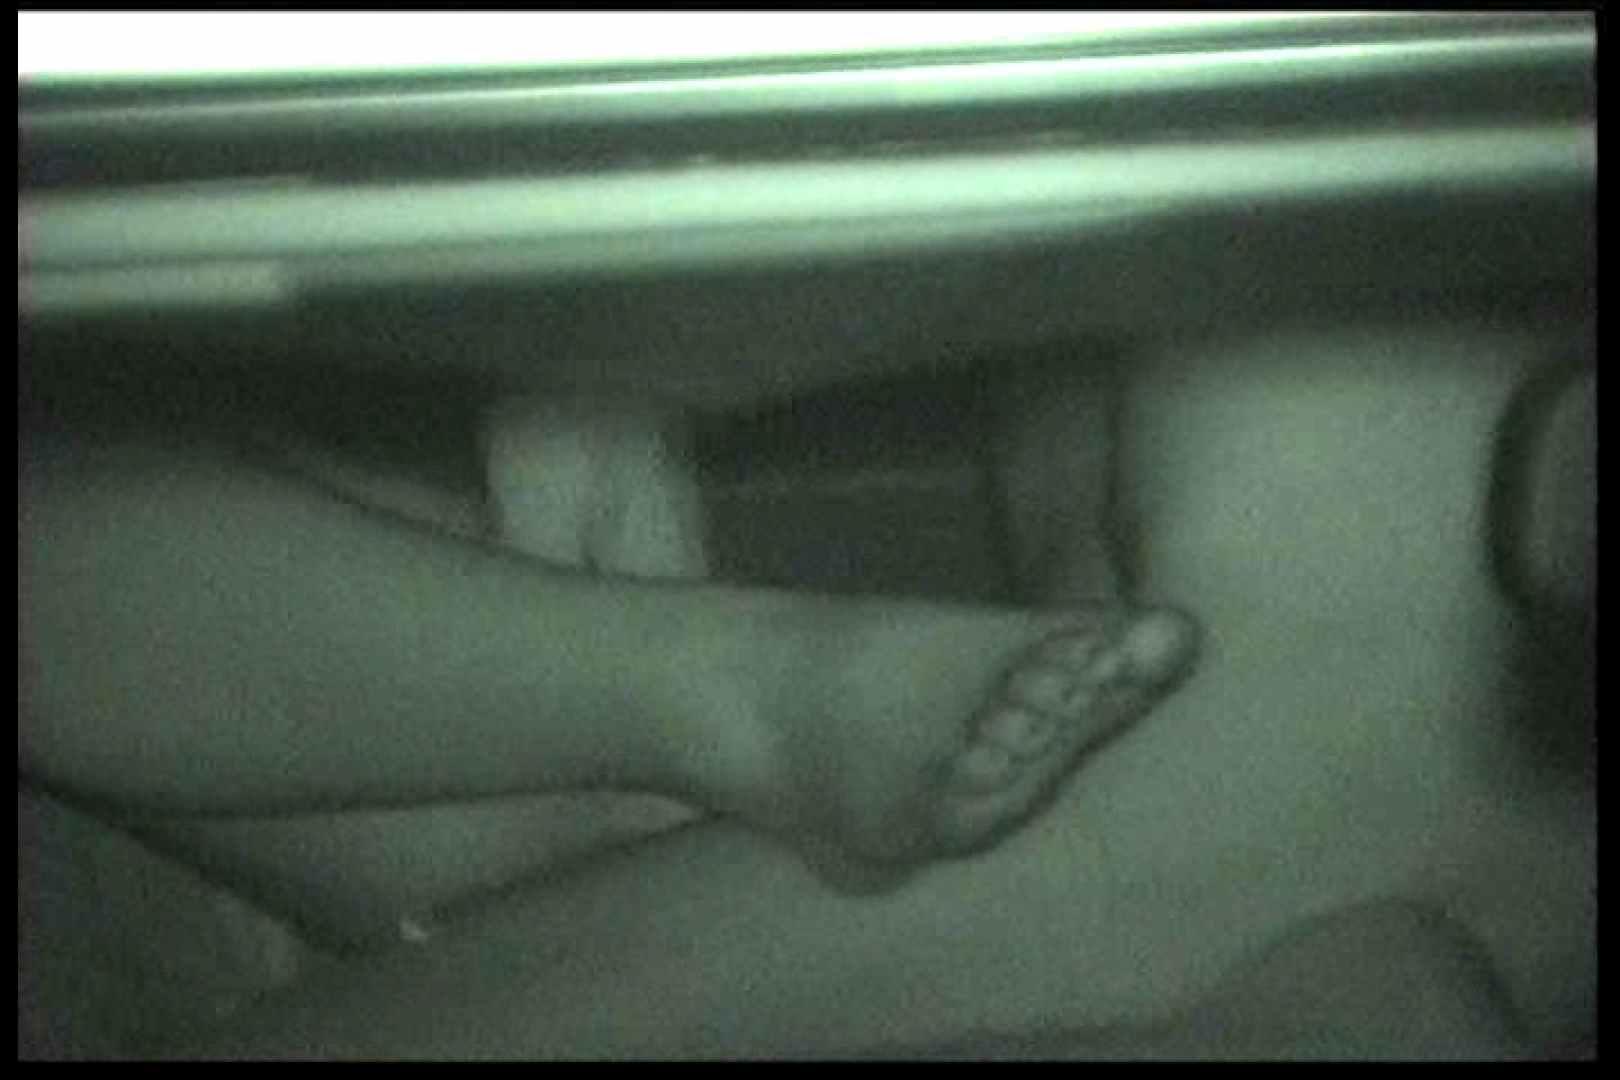 車の中はラブホテル 無修正版  Vol.14 ホテル 盗み撮り動画キャプチャ 100画像 76